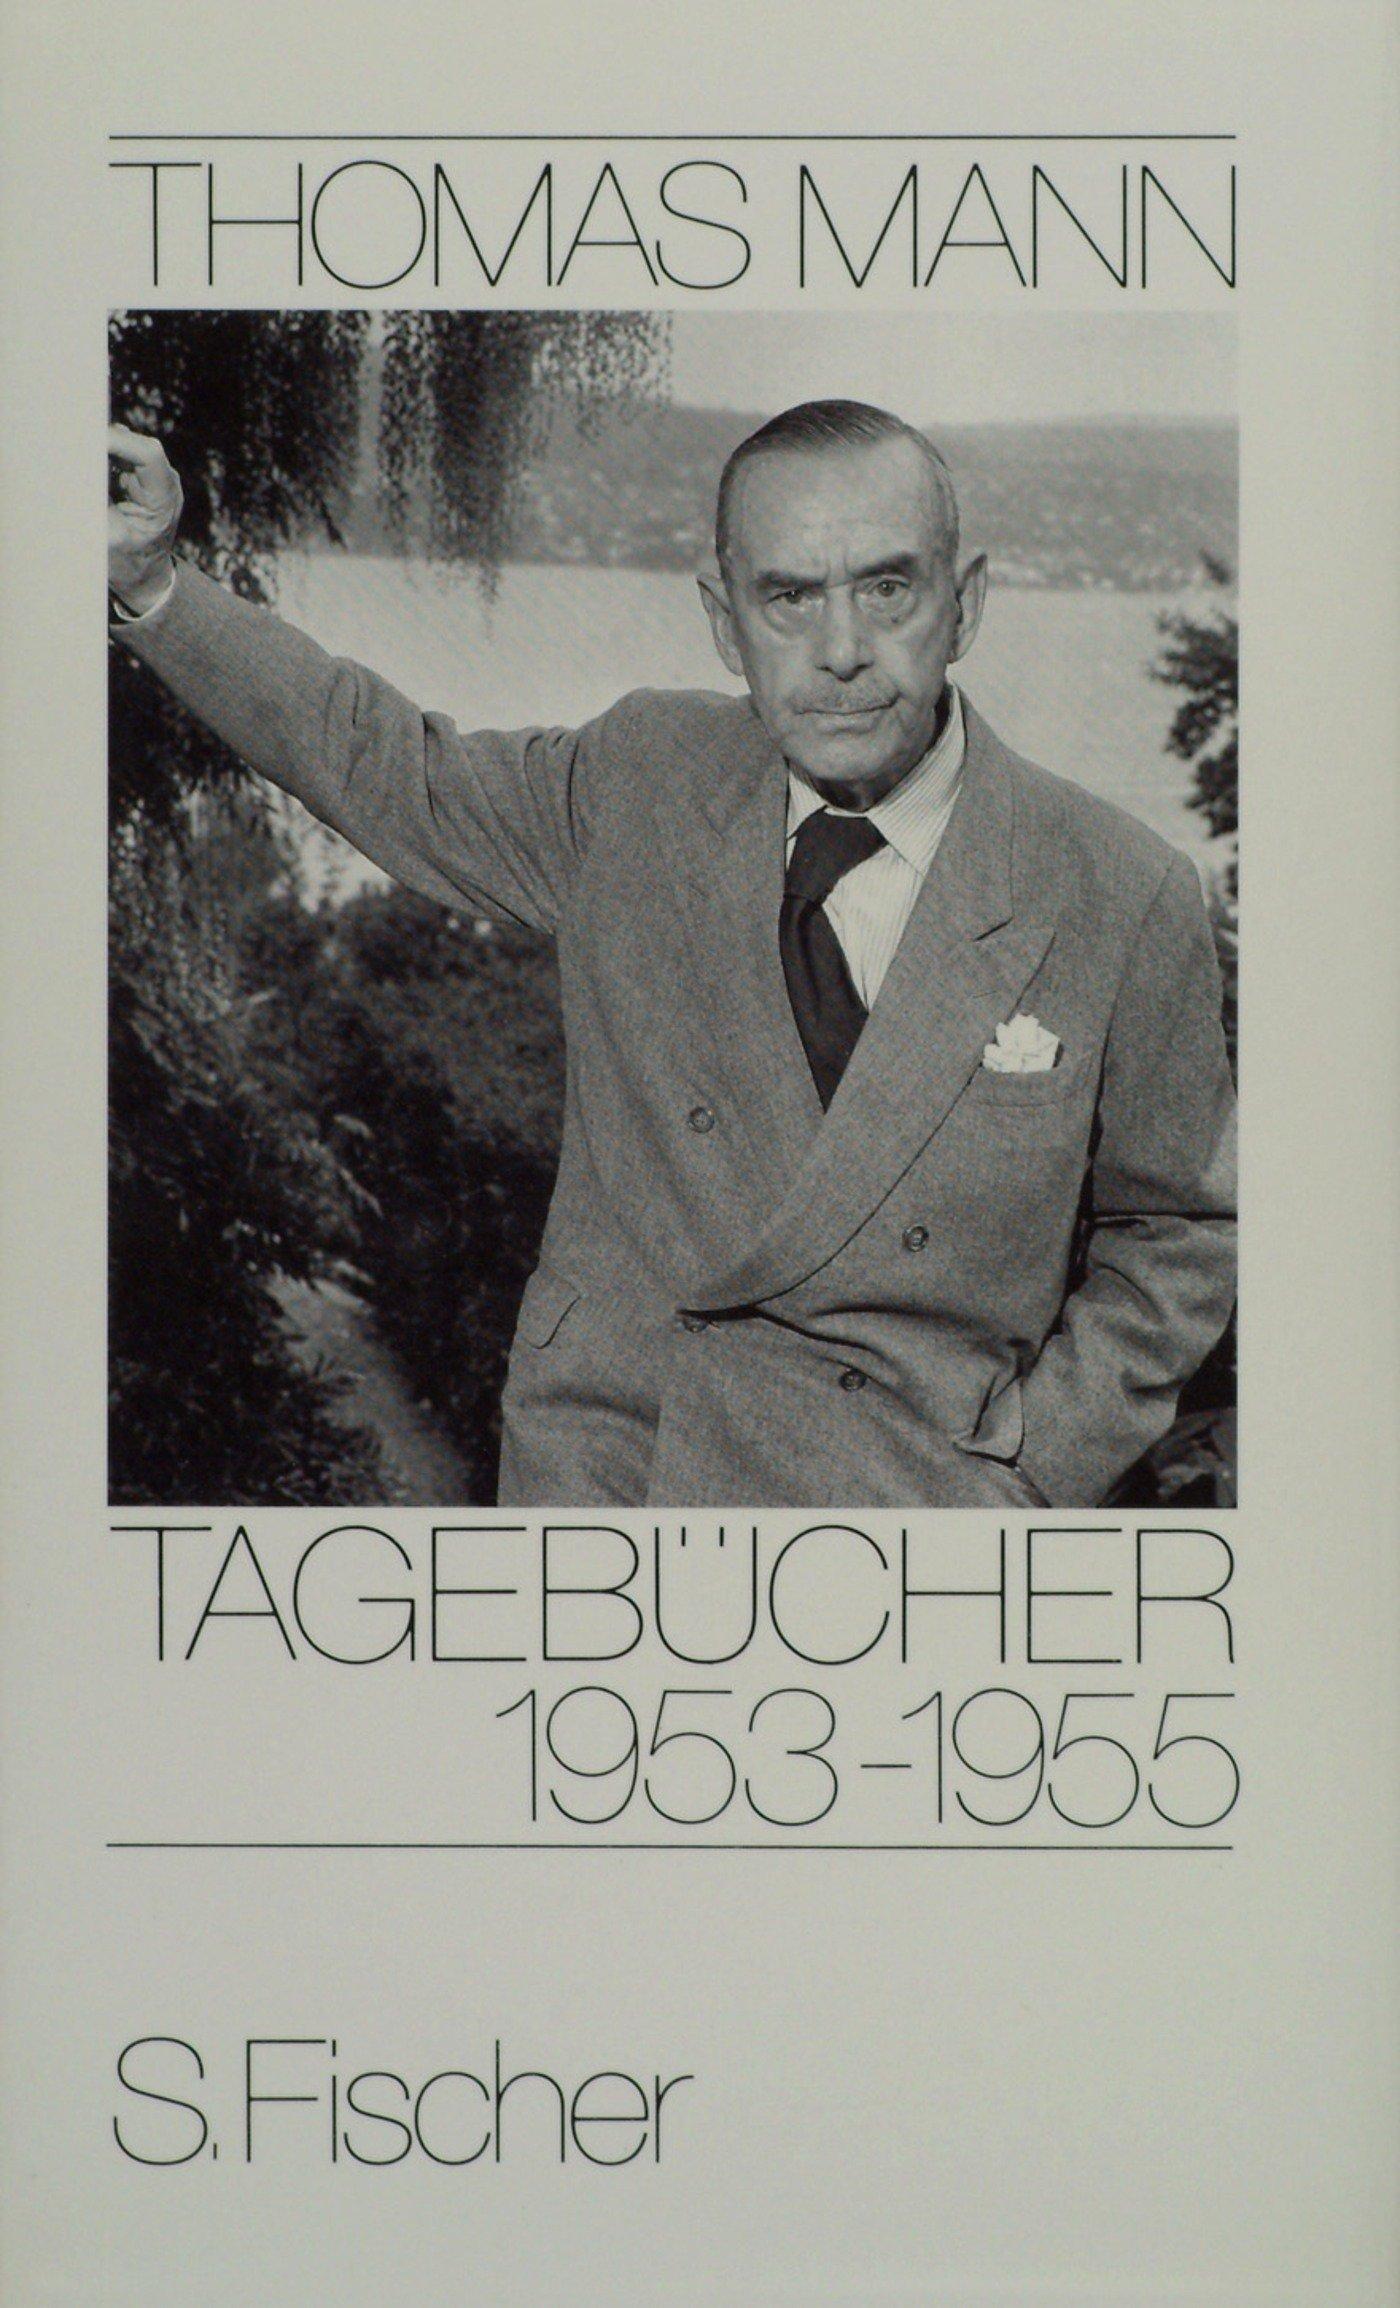 Tagebücher 1953-1955 (Thomas Mann, Tagebücher in zehn Bänden)